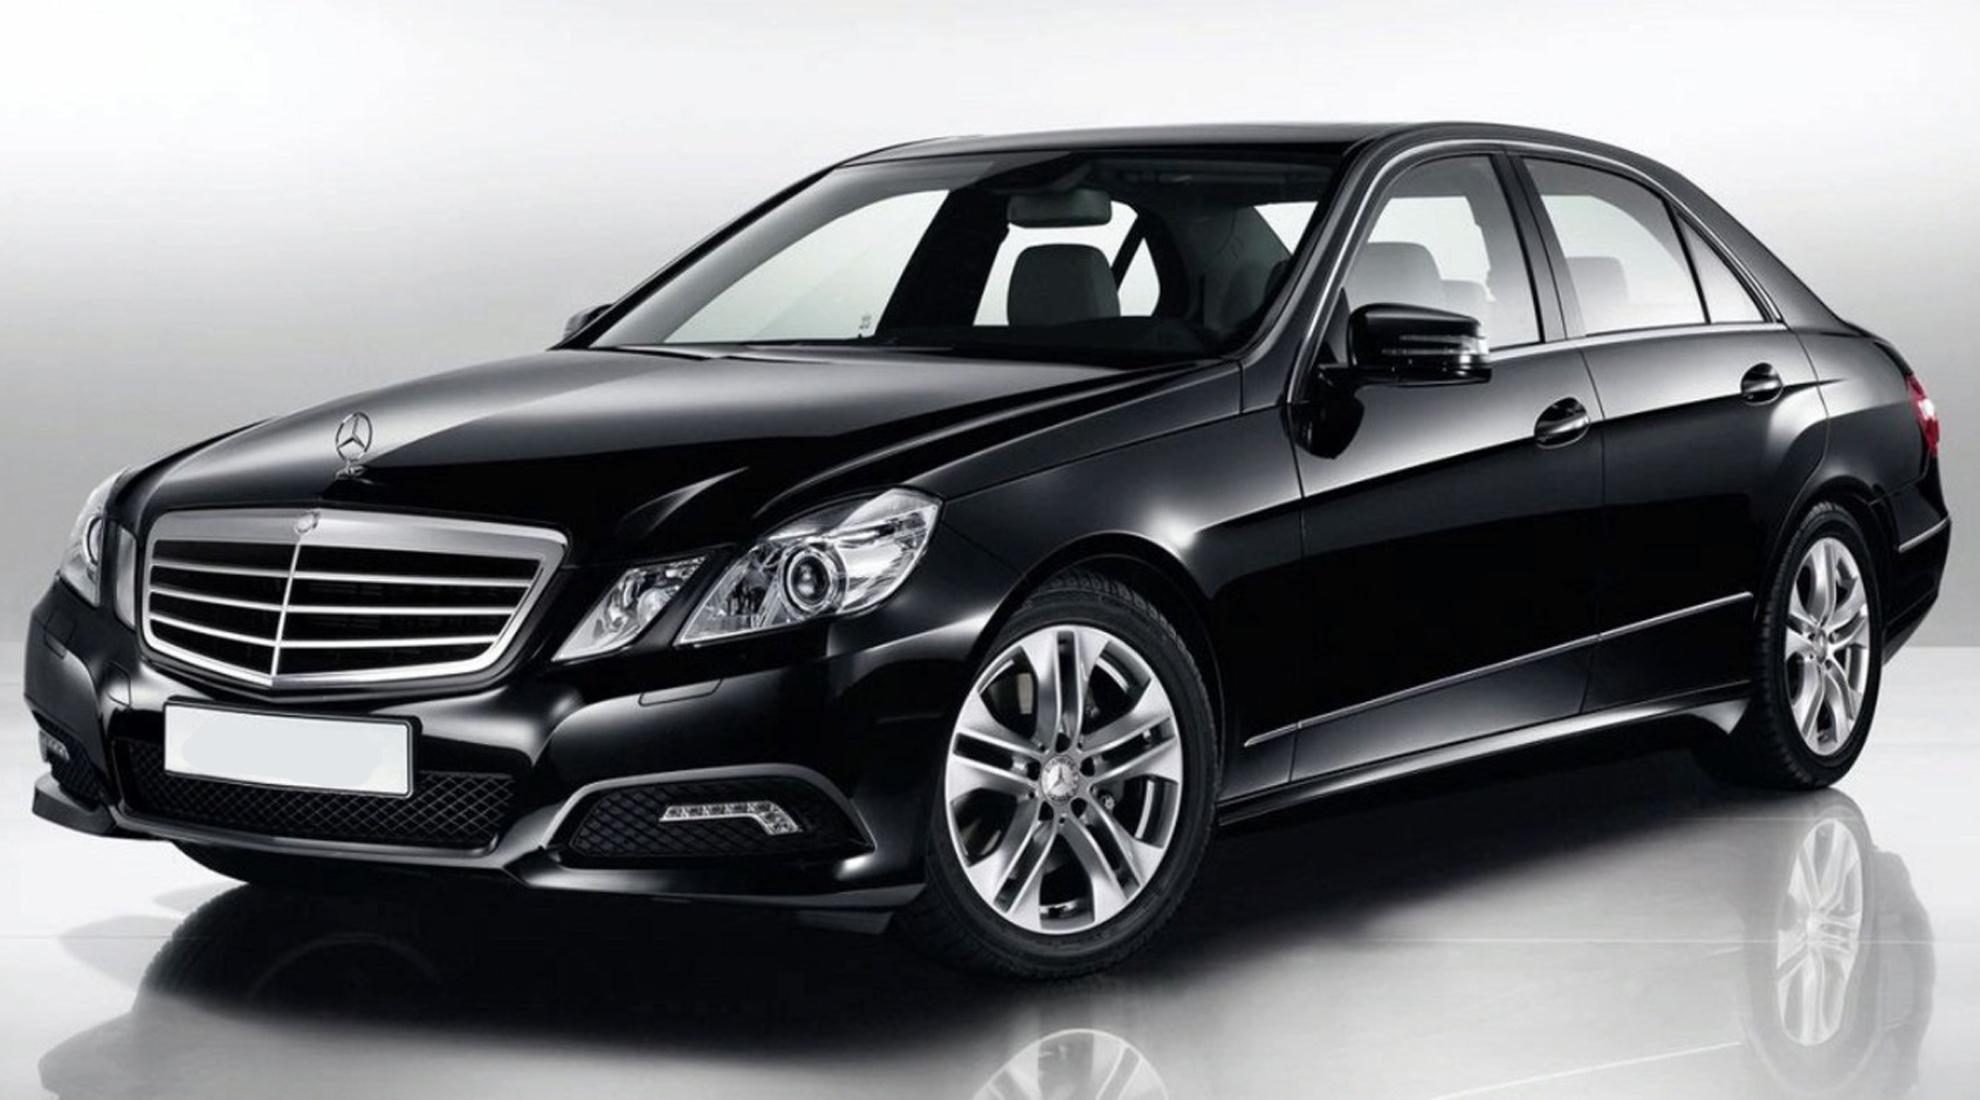 Mercedes class E - Berline de luxe confortable, raffinée pouvant accueillir jusqu'à 3 passagers.